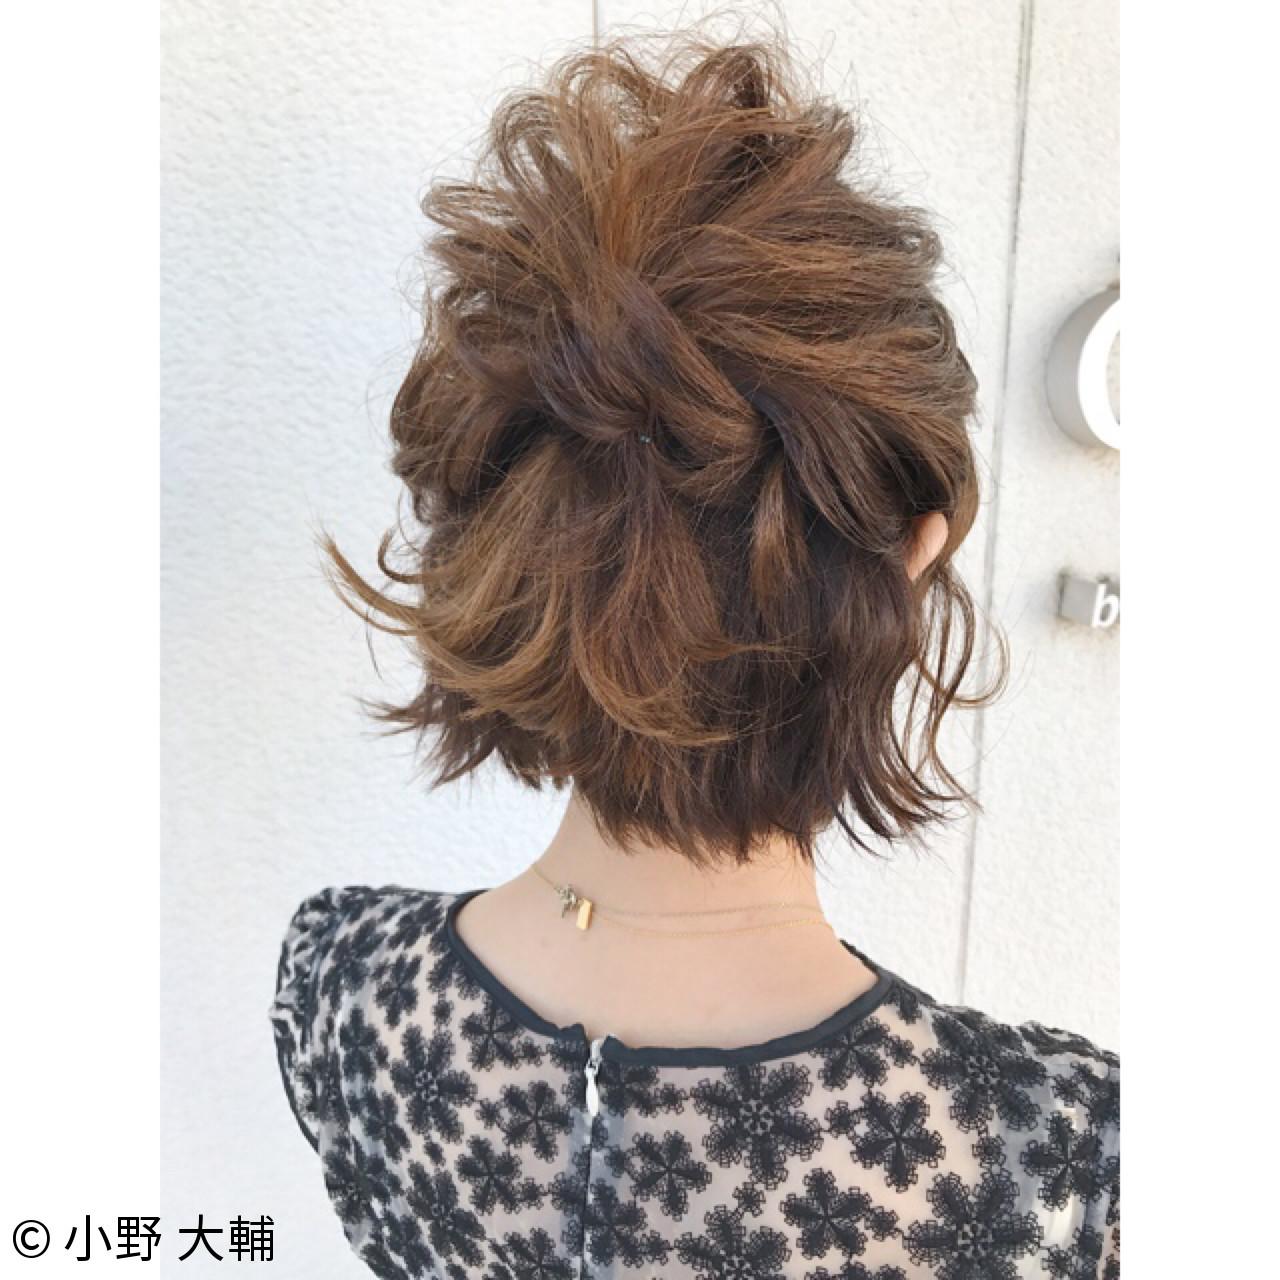 ナチュラル 色気 結婚式 涼しげ ヘアスタイルや髪型の写真・画像 | 小野 大輔 / OHIA  for plumeria